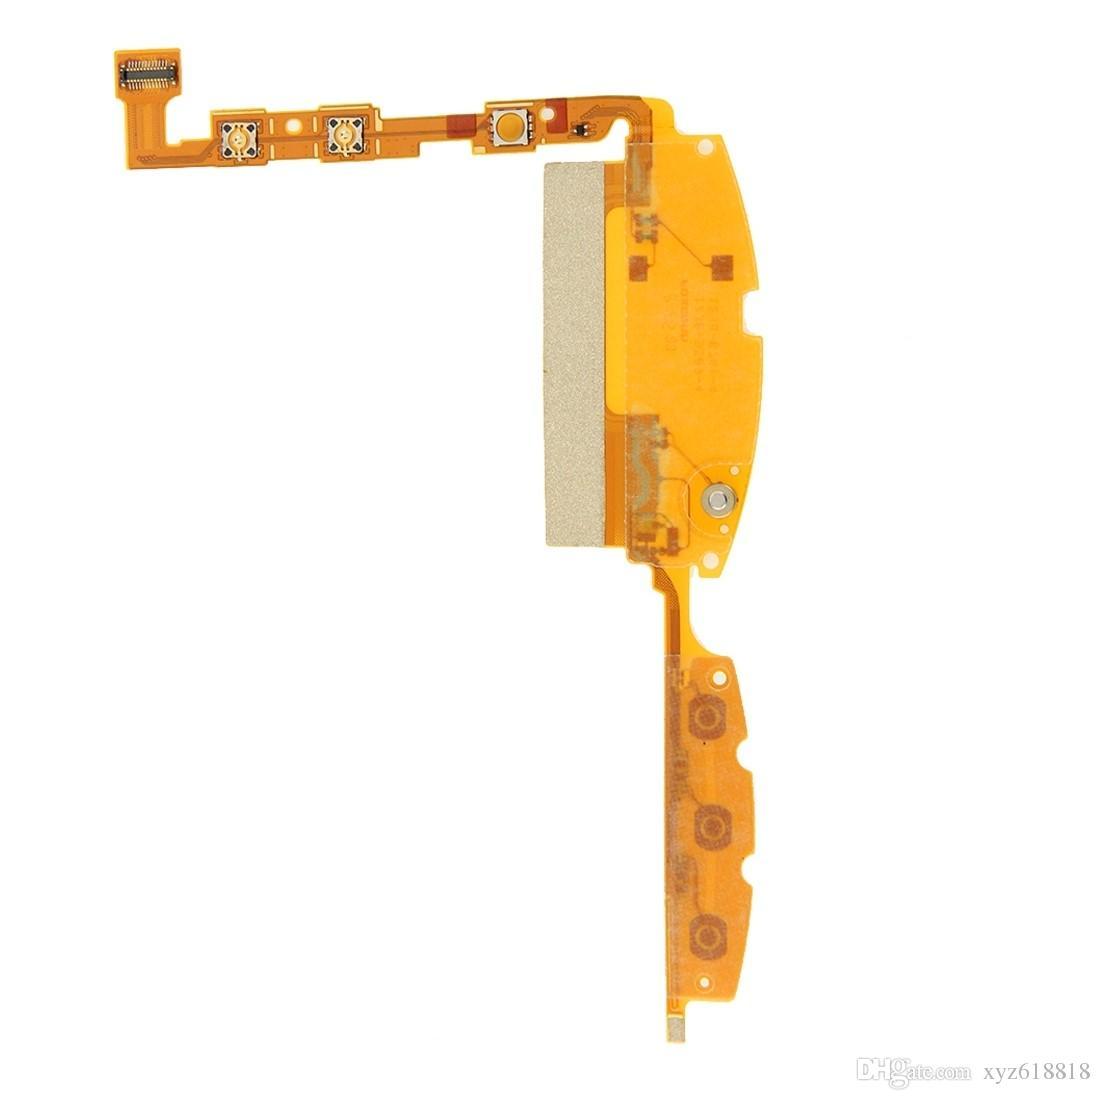 Tasto di accensione del telefono cellulare Pulsante ON / OFF Cavo Flex Cable Sony Ericsson Xperia Neo MT15 Sostituzione originale di alta qualità Spedizione gratuita